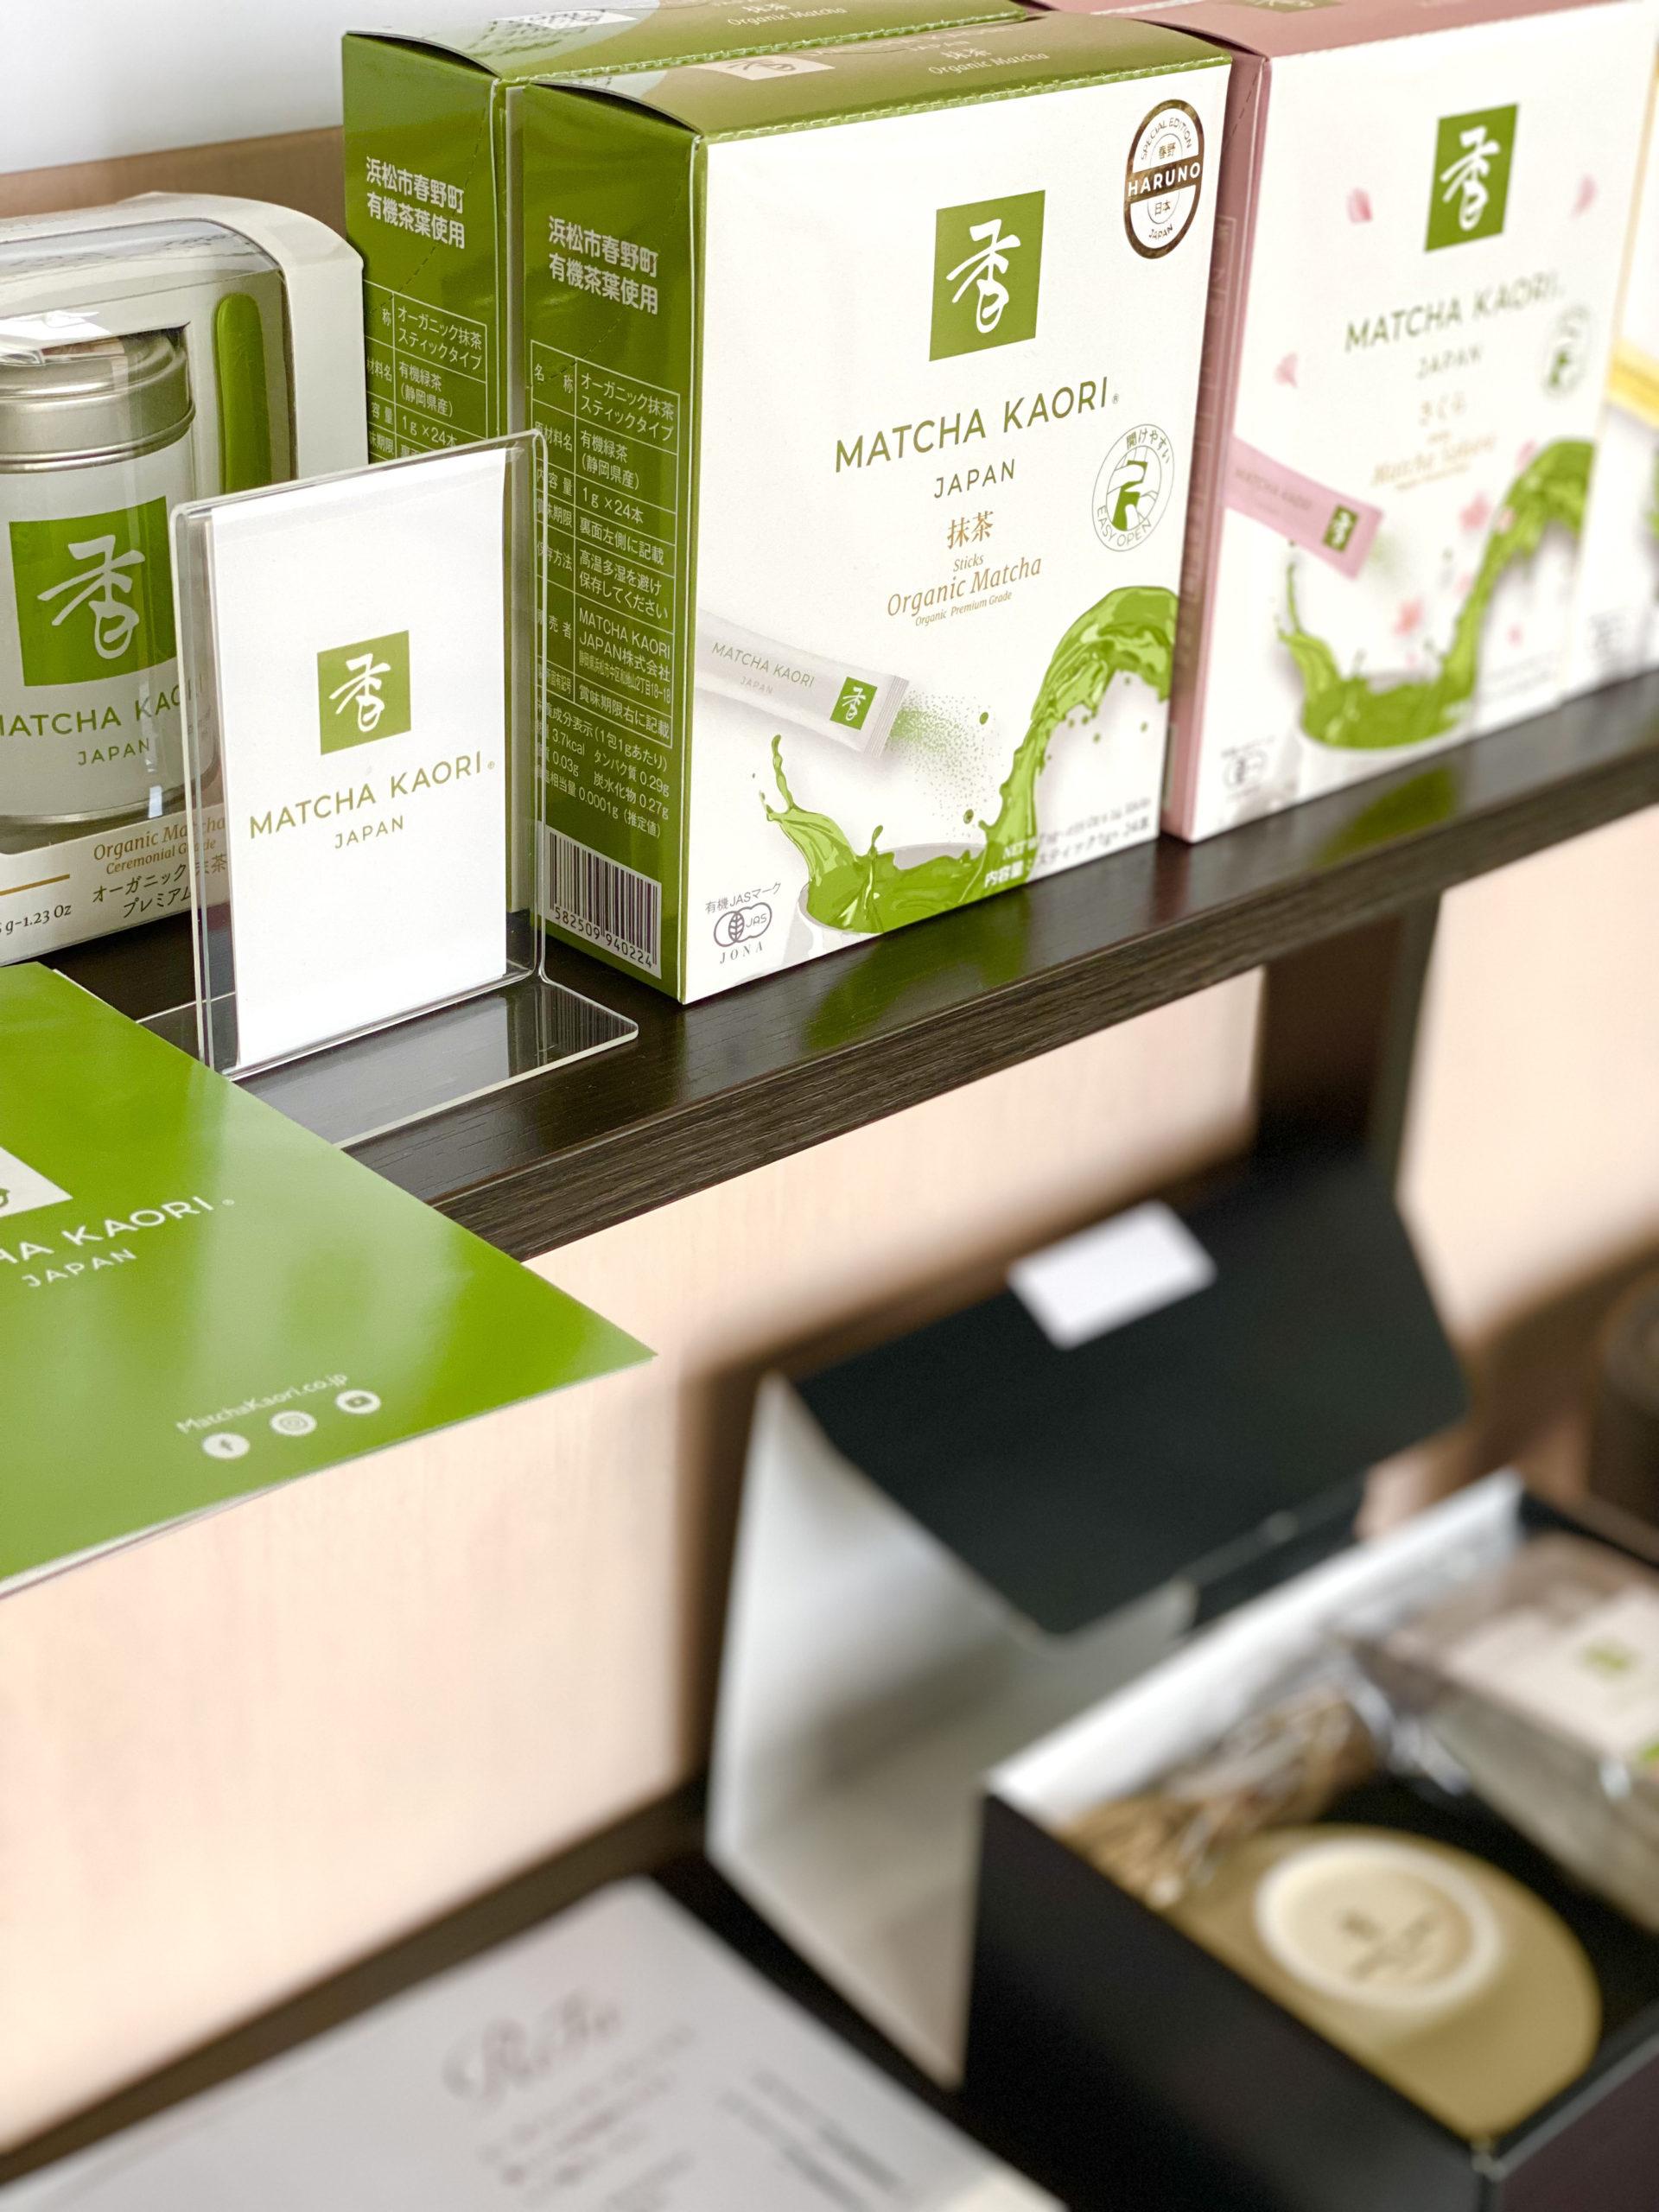 マッチャカオリジャパン様の抹茶製品のお取り扱いが始まりました